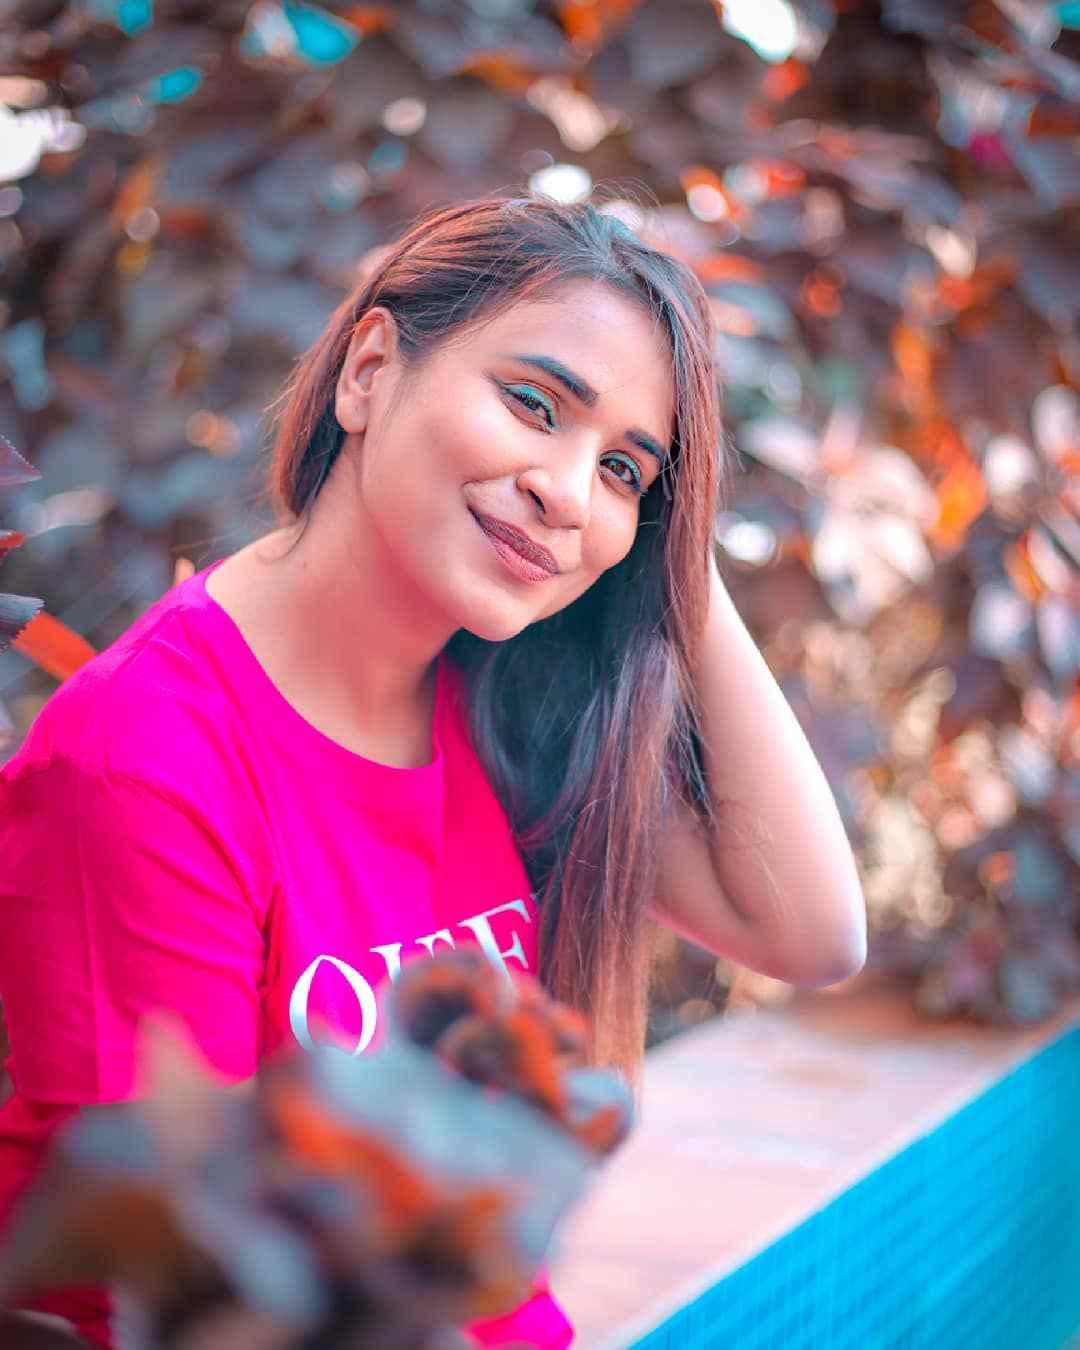 Charmsukh Muskan Aggarwal Instagram Pictures